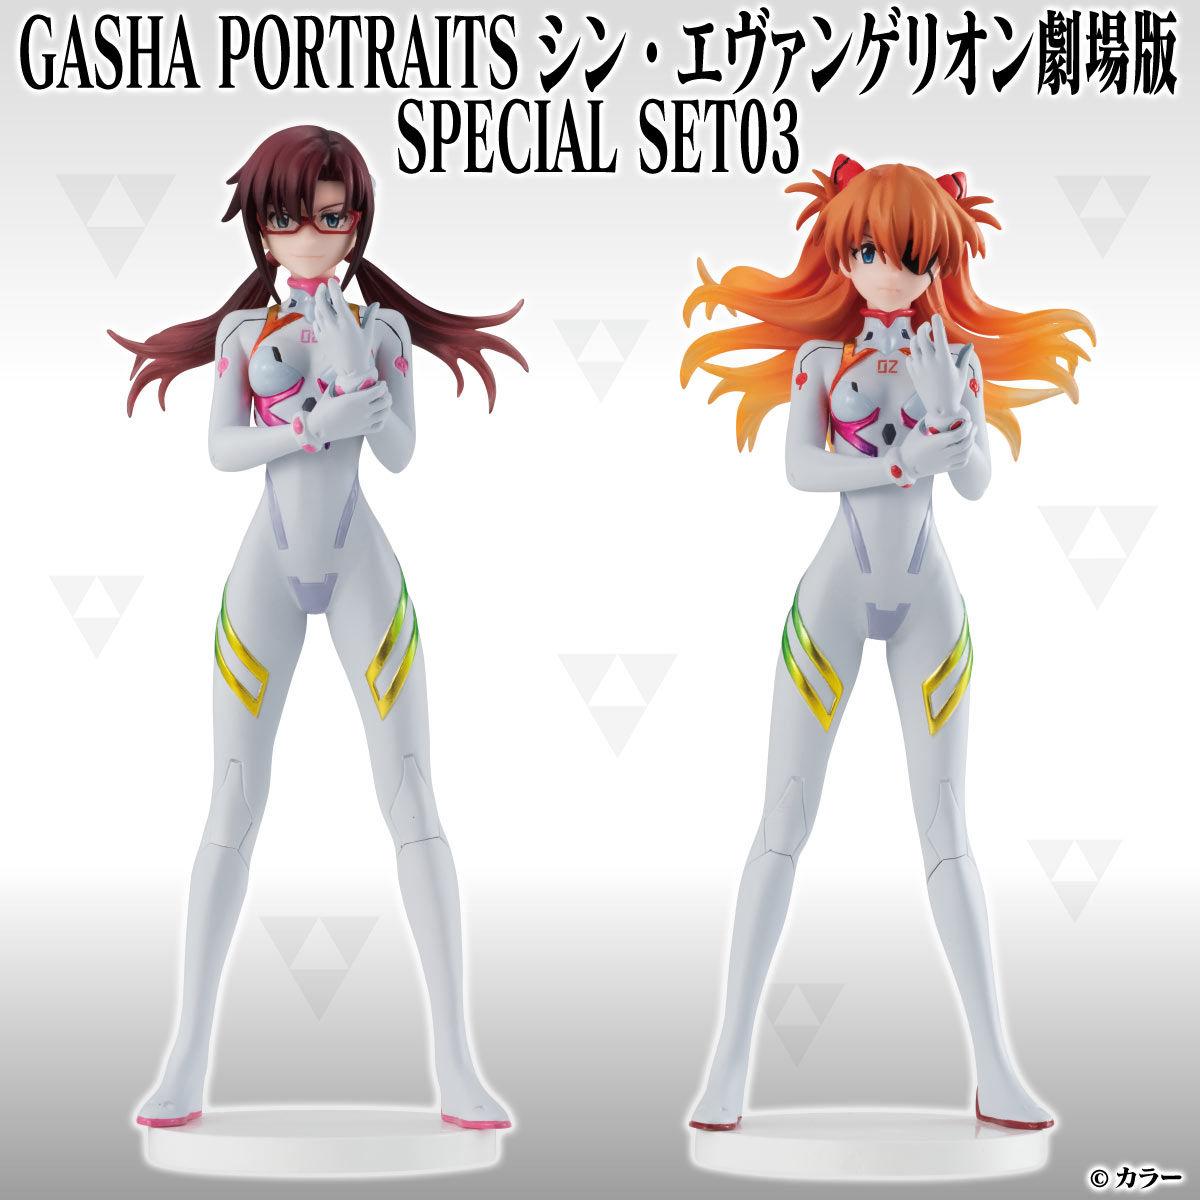 【限定販売】GashaPortraits『シン・エヴァンゲリオン劇場版 Special SET03』セット-001